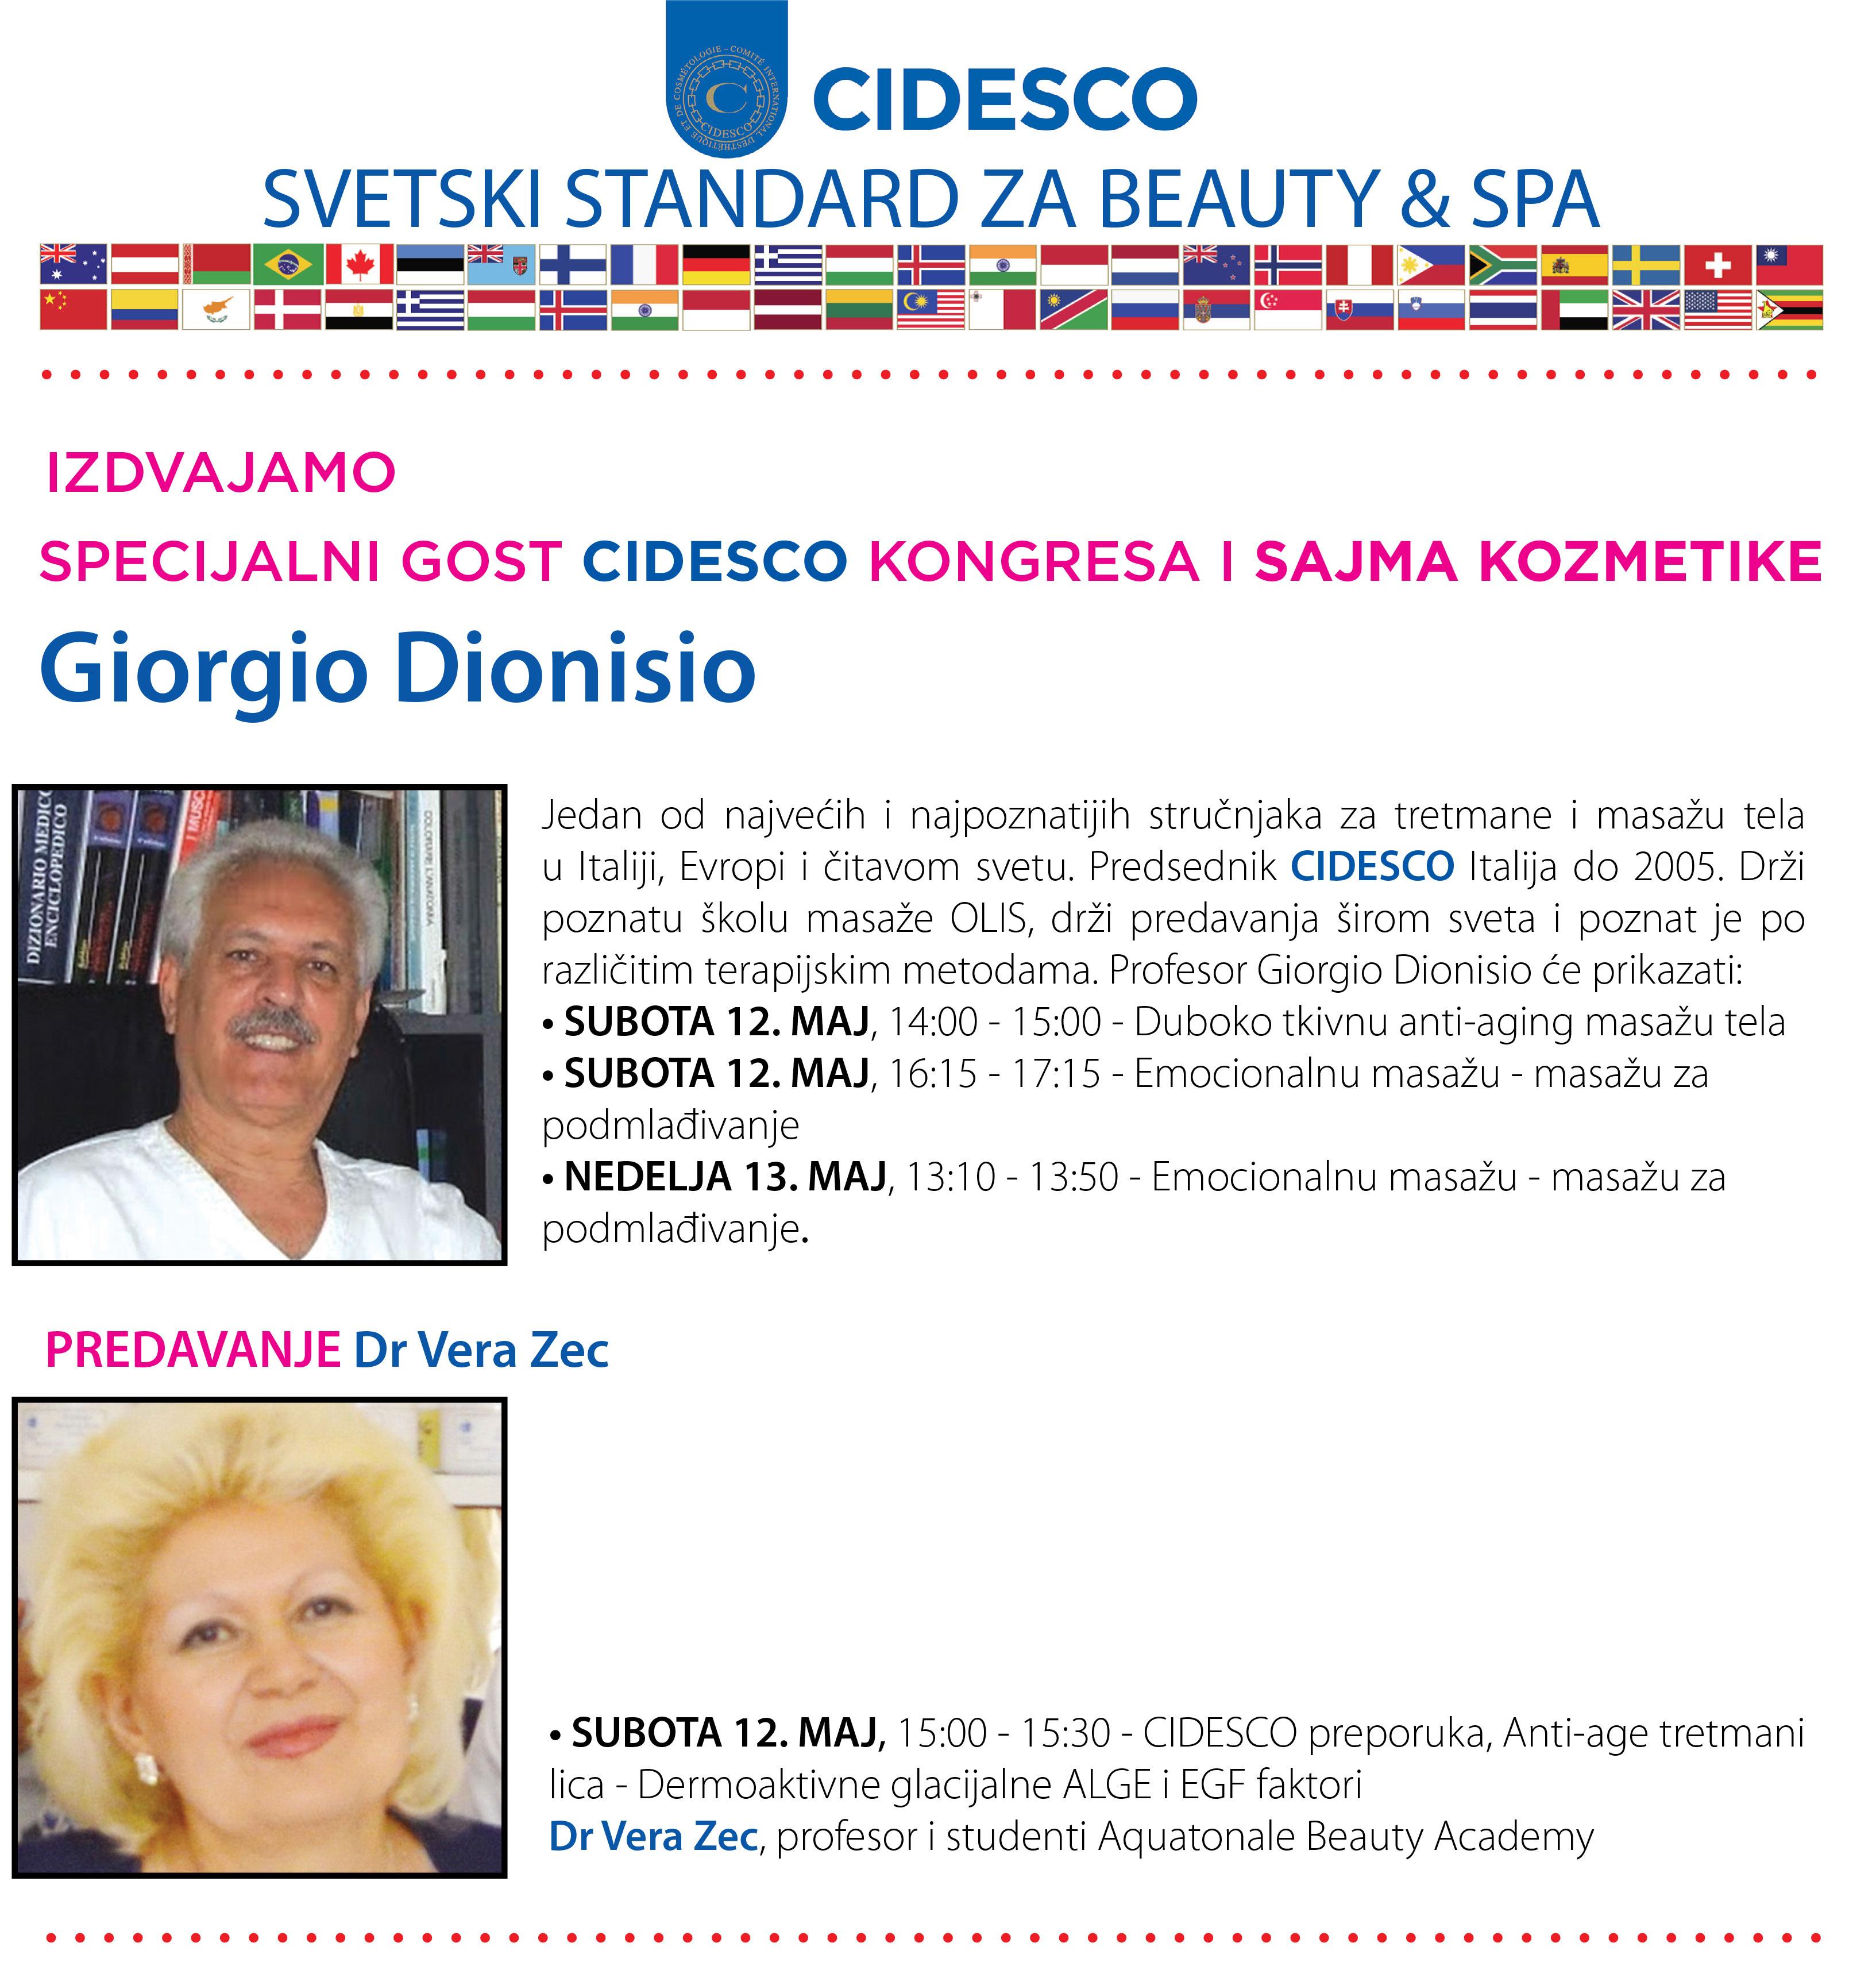 CIDESCO gost Giorgio Dionisio